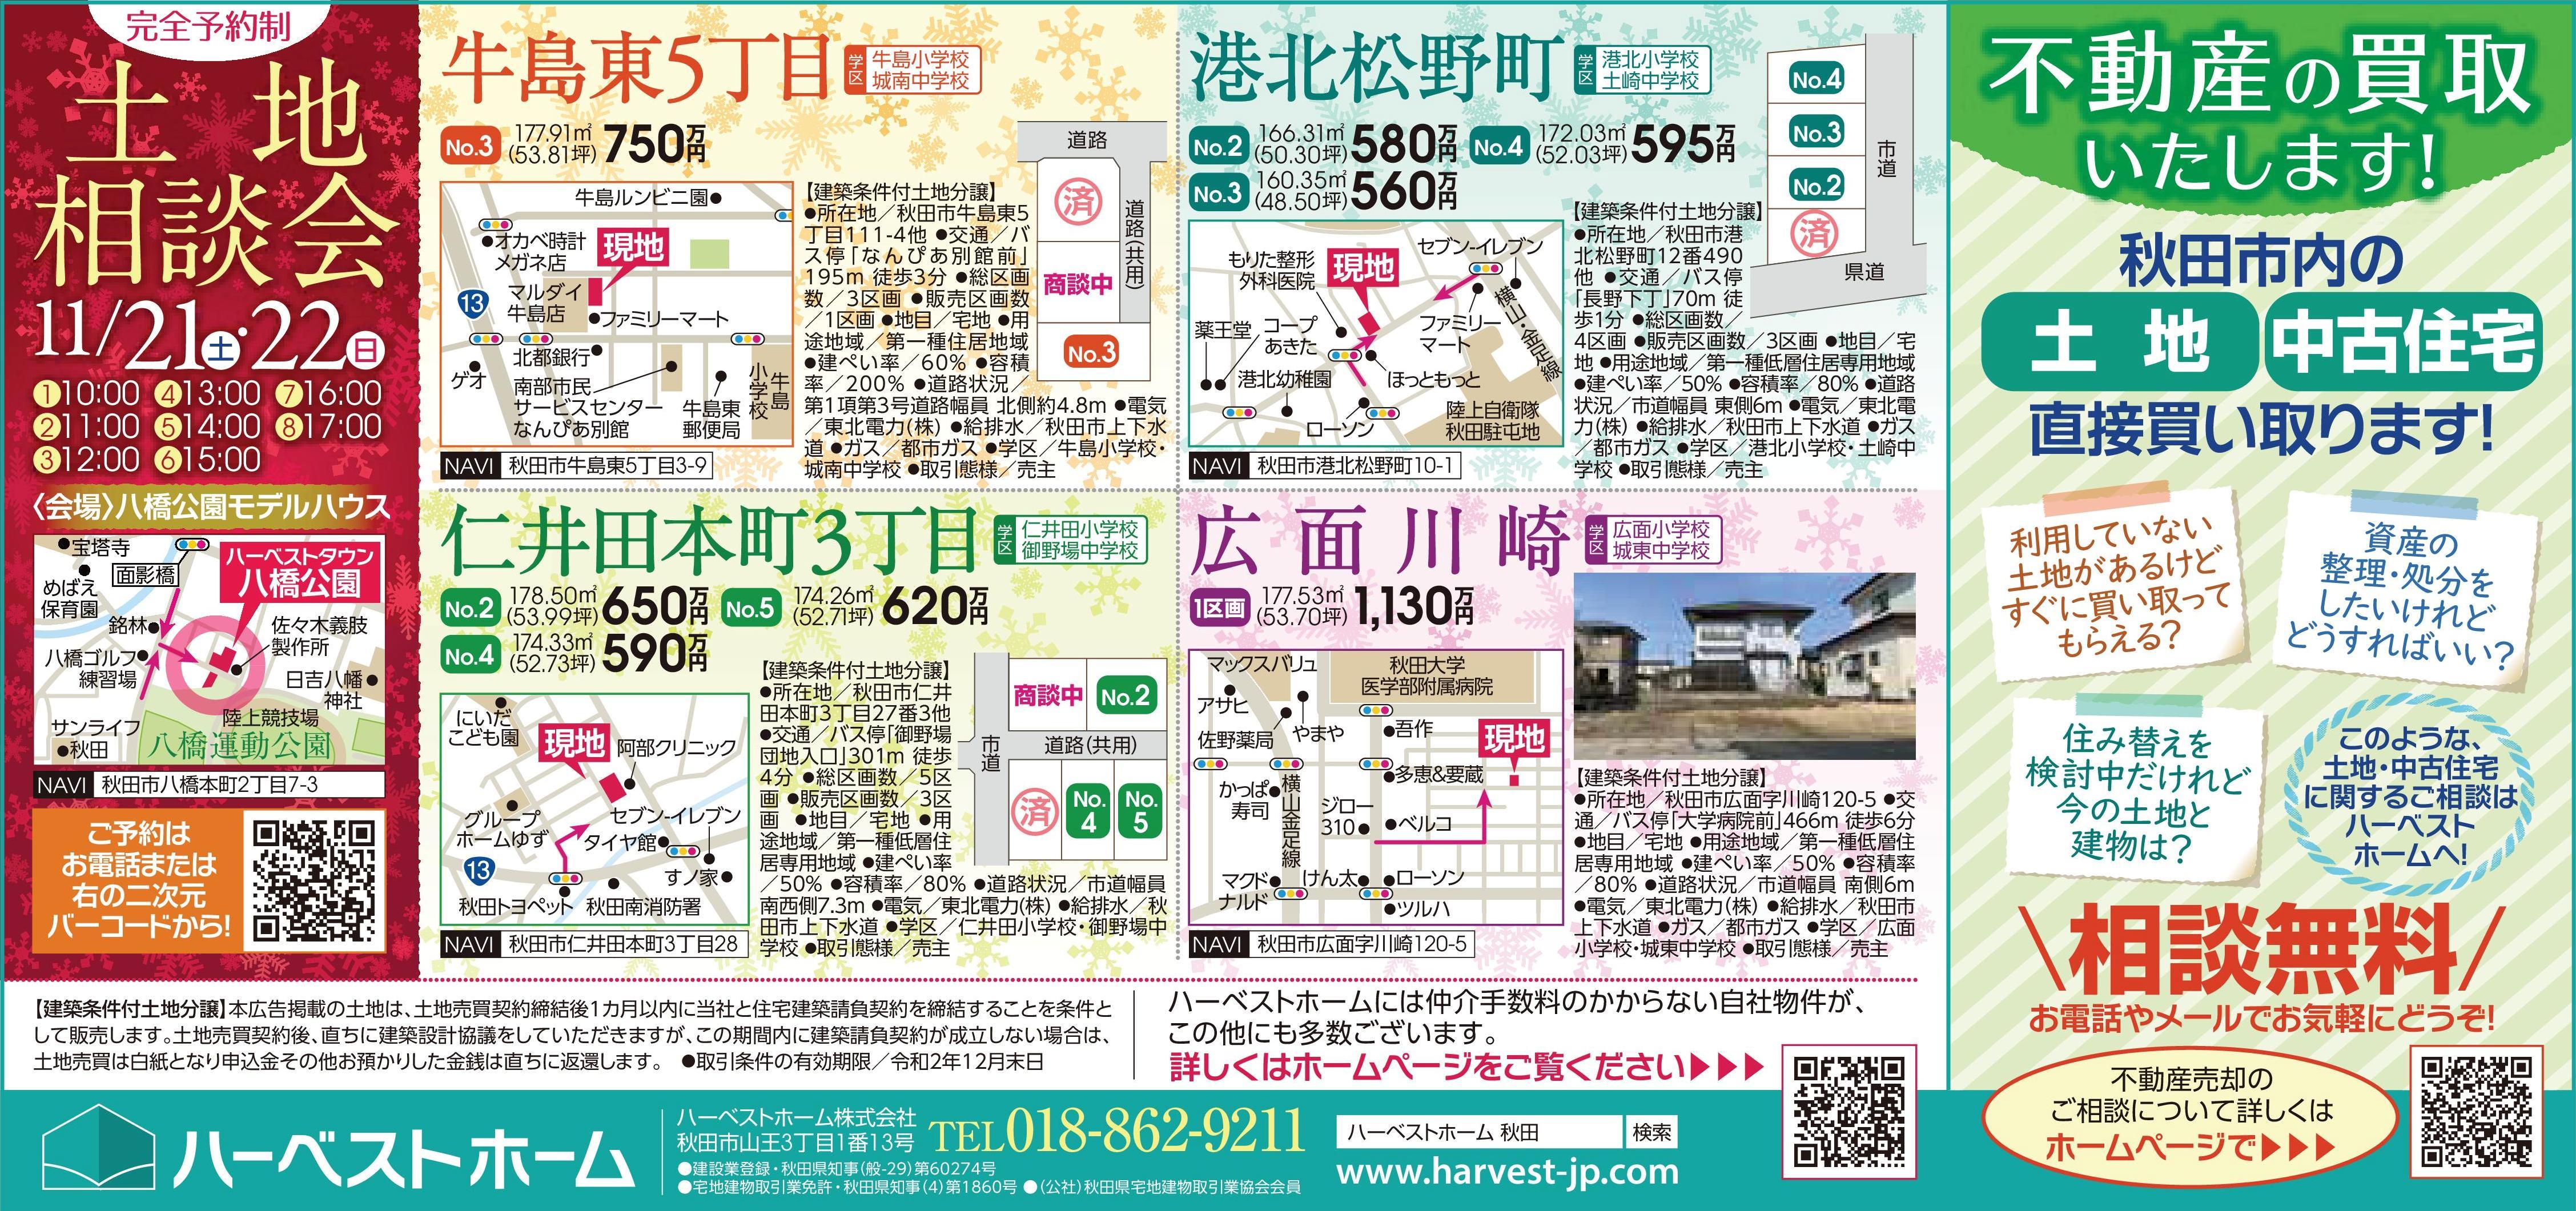 『土地説明会』を開催します・・秋田市内の「土地」いろいろ